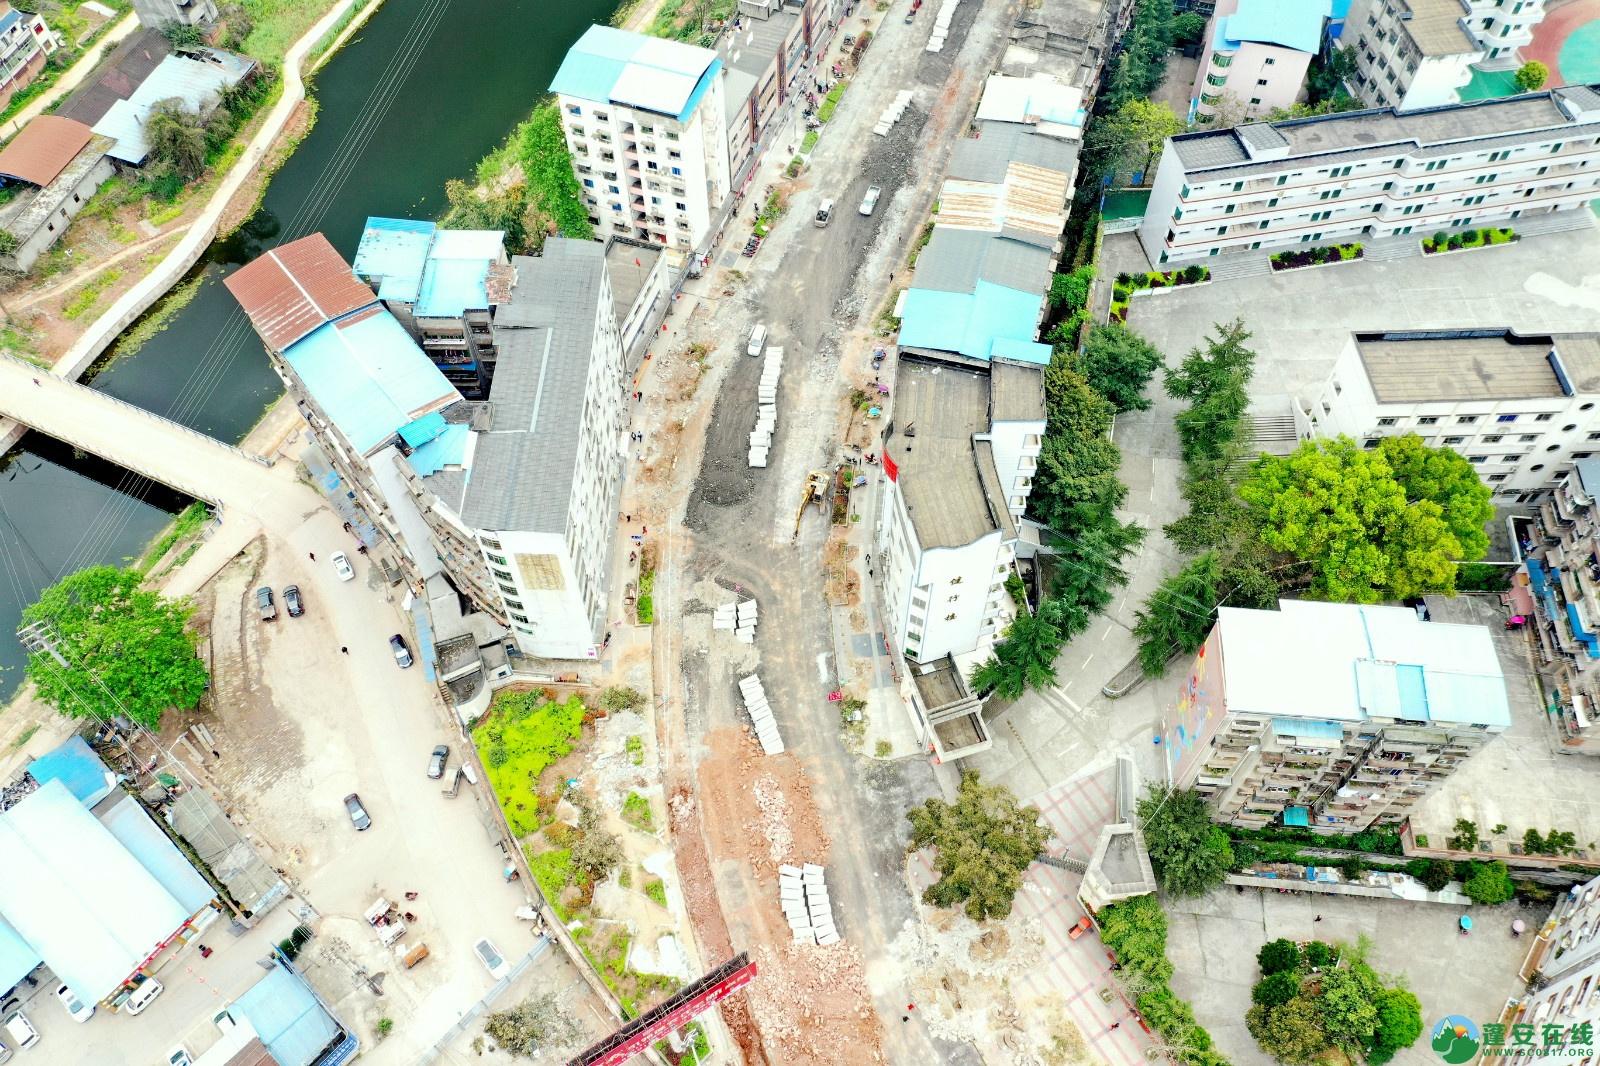 蓬安建设南路老旧街道小区美化改造(2020.3.22) - 第7张  | 蓬安在线